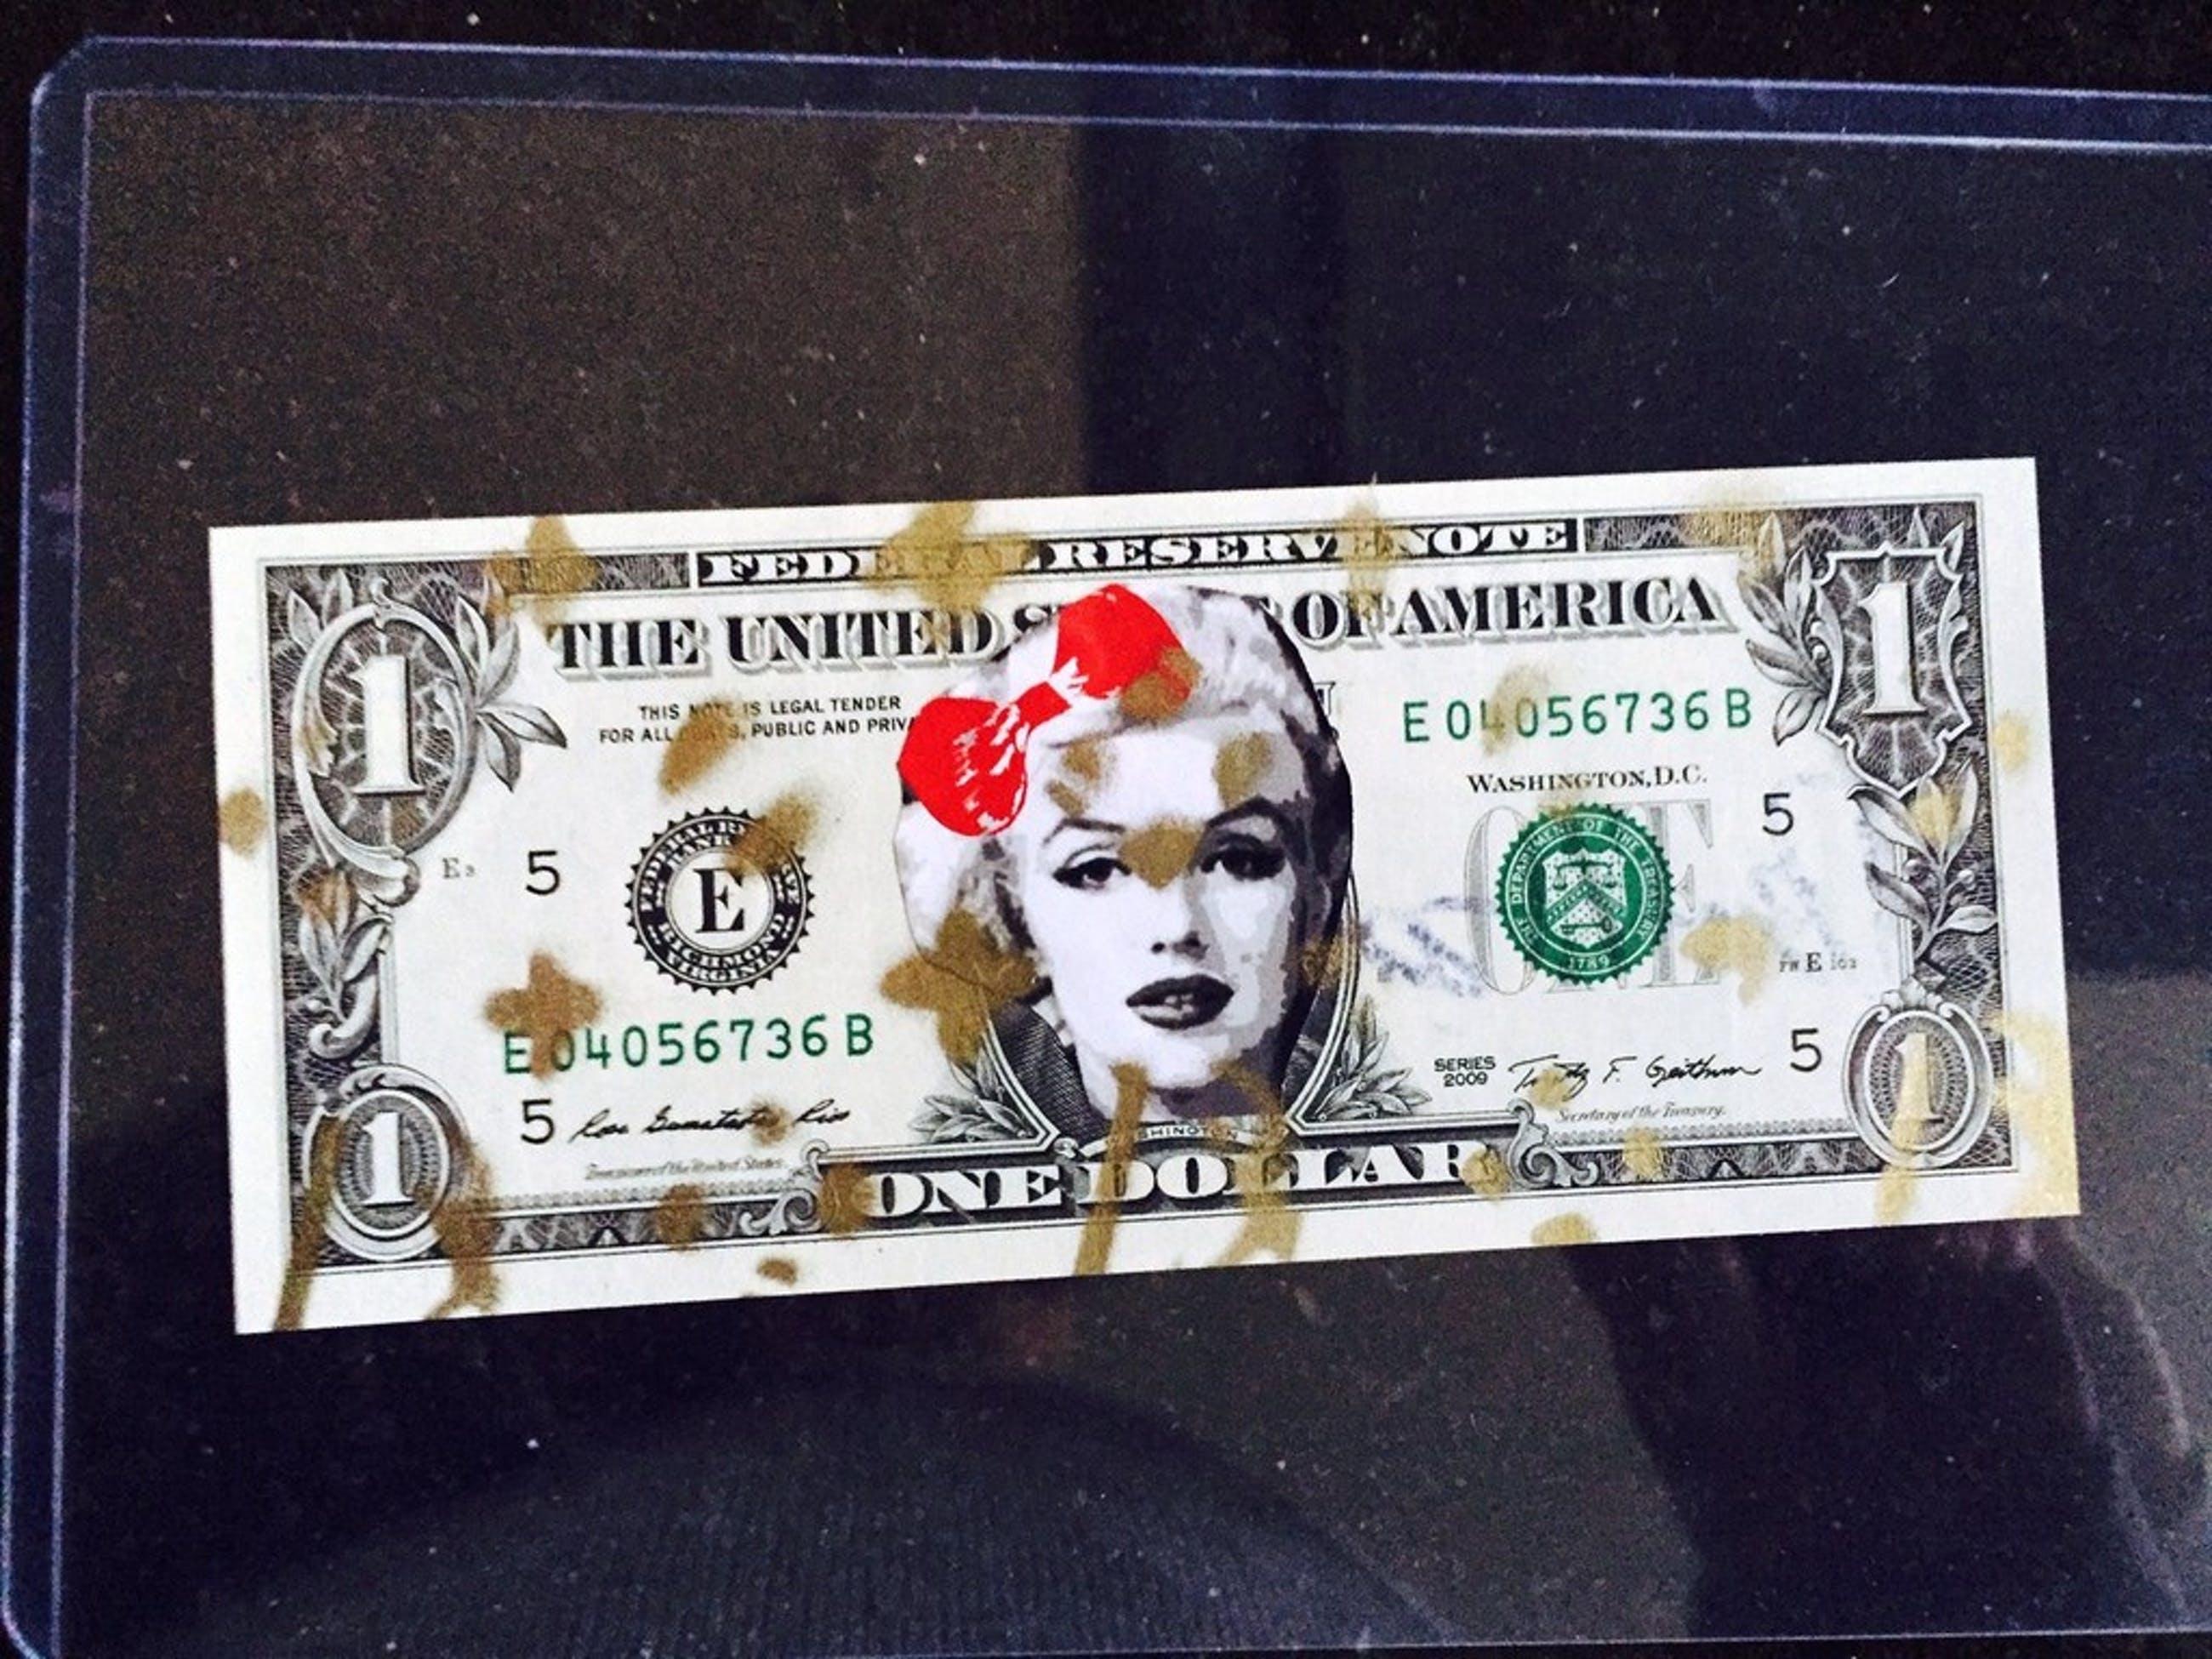 DEATH NYC - Marilyn Monroe,  street-art op $1 biljet - 'Marilyn' - 2013 kopen? Bied vanaf 50!